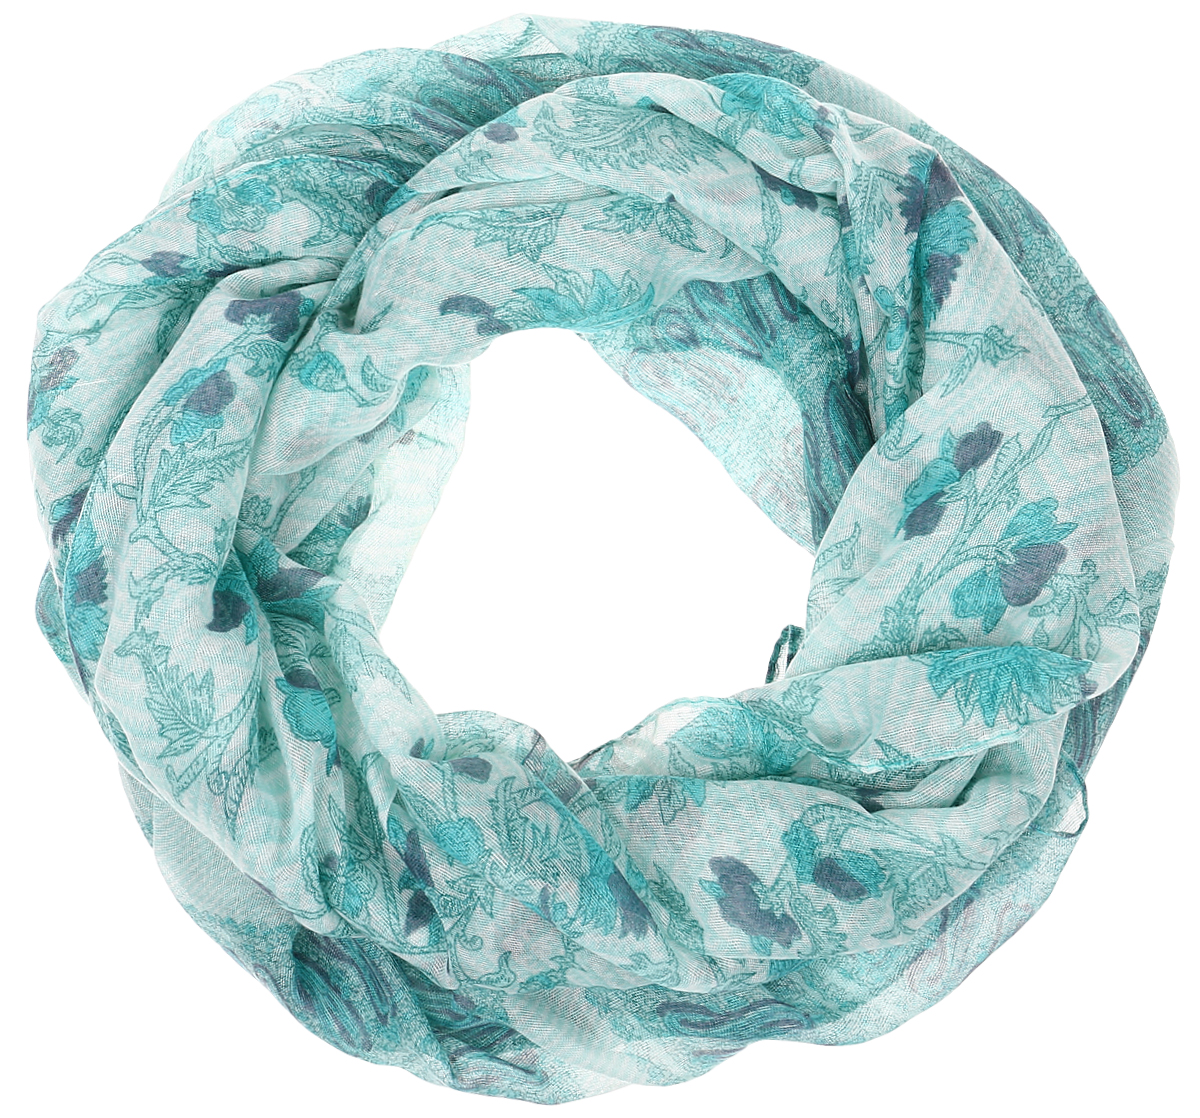 Палантин Sophie Ramage, цвет: морская волна. YY-21656-7. Размер 80 см х 180 смYY-21656-7Элегантный палантин Sophie Ramage станет достойным завершением вашего образа. Палантин изготовлен из высококачественного модала с добавлением шерсти. Оформлена модель стильными узорами и цветочным принтом. Палантин красиво драпируется, он превосходно дополнит любой наряд и подчеркнет ваш изысканный вкус. Легкий и изящный палантин привнесет в ваш образ утонченность и шарм.